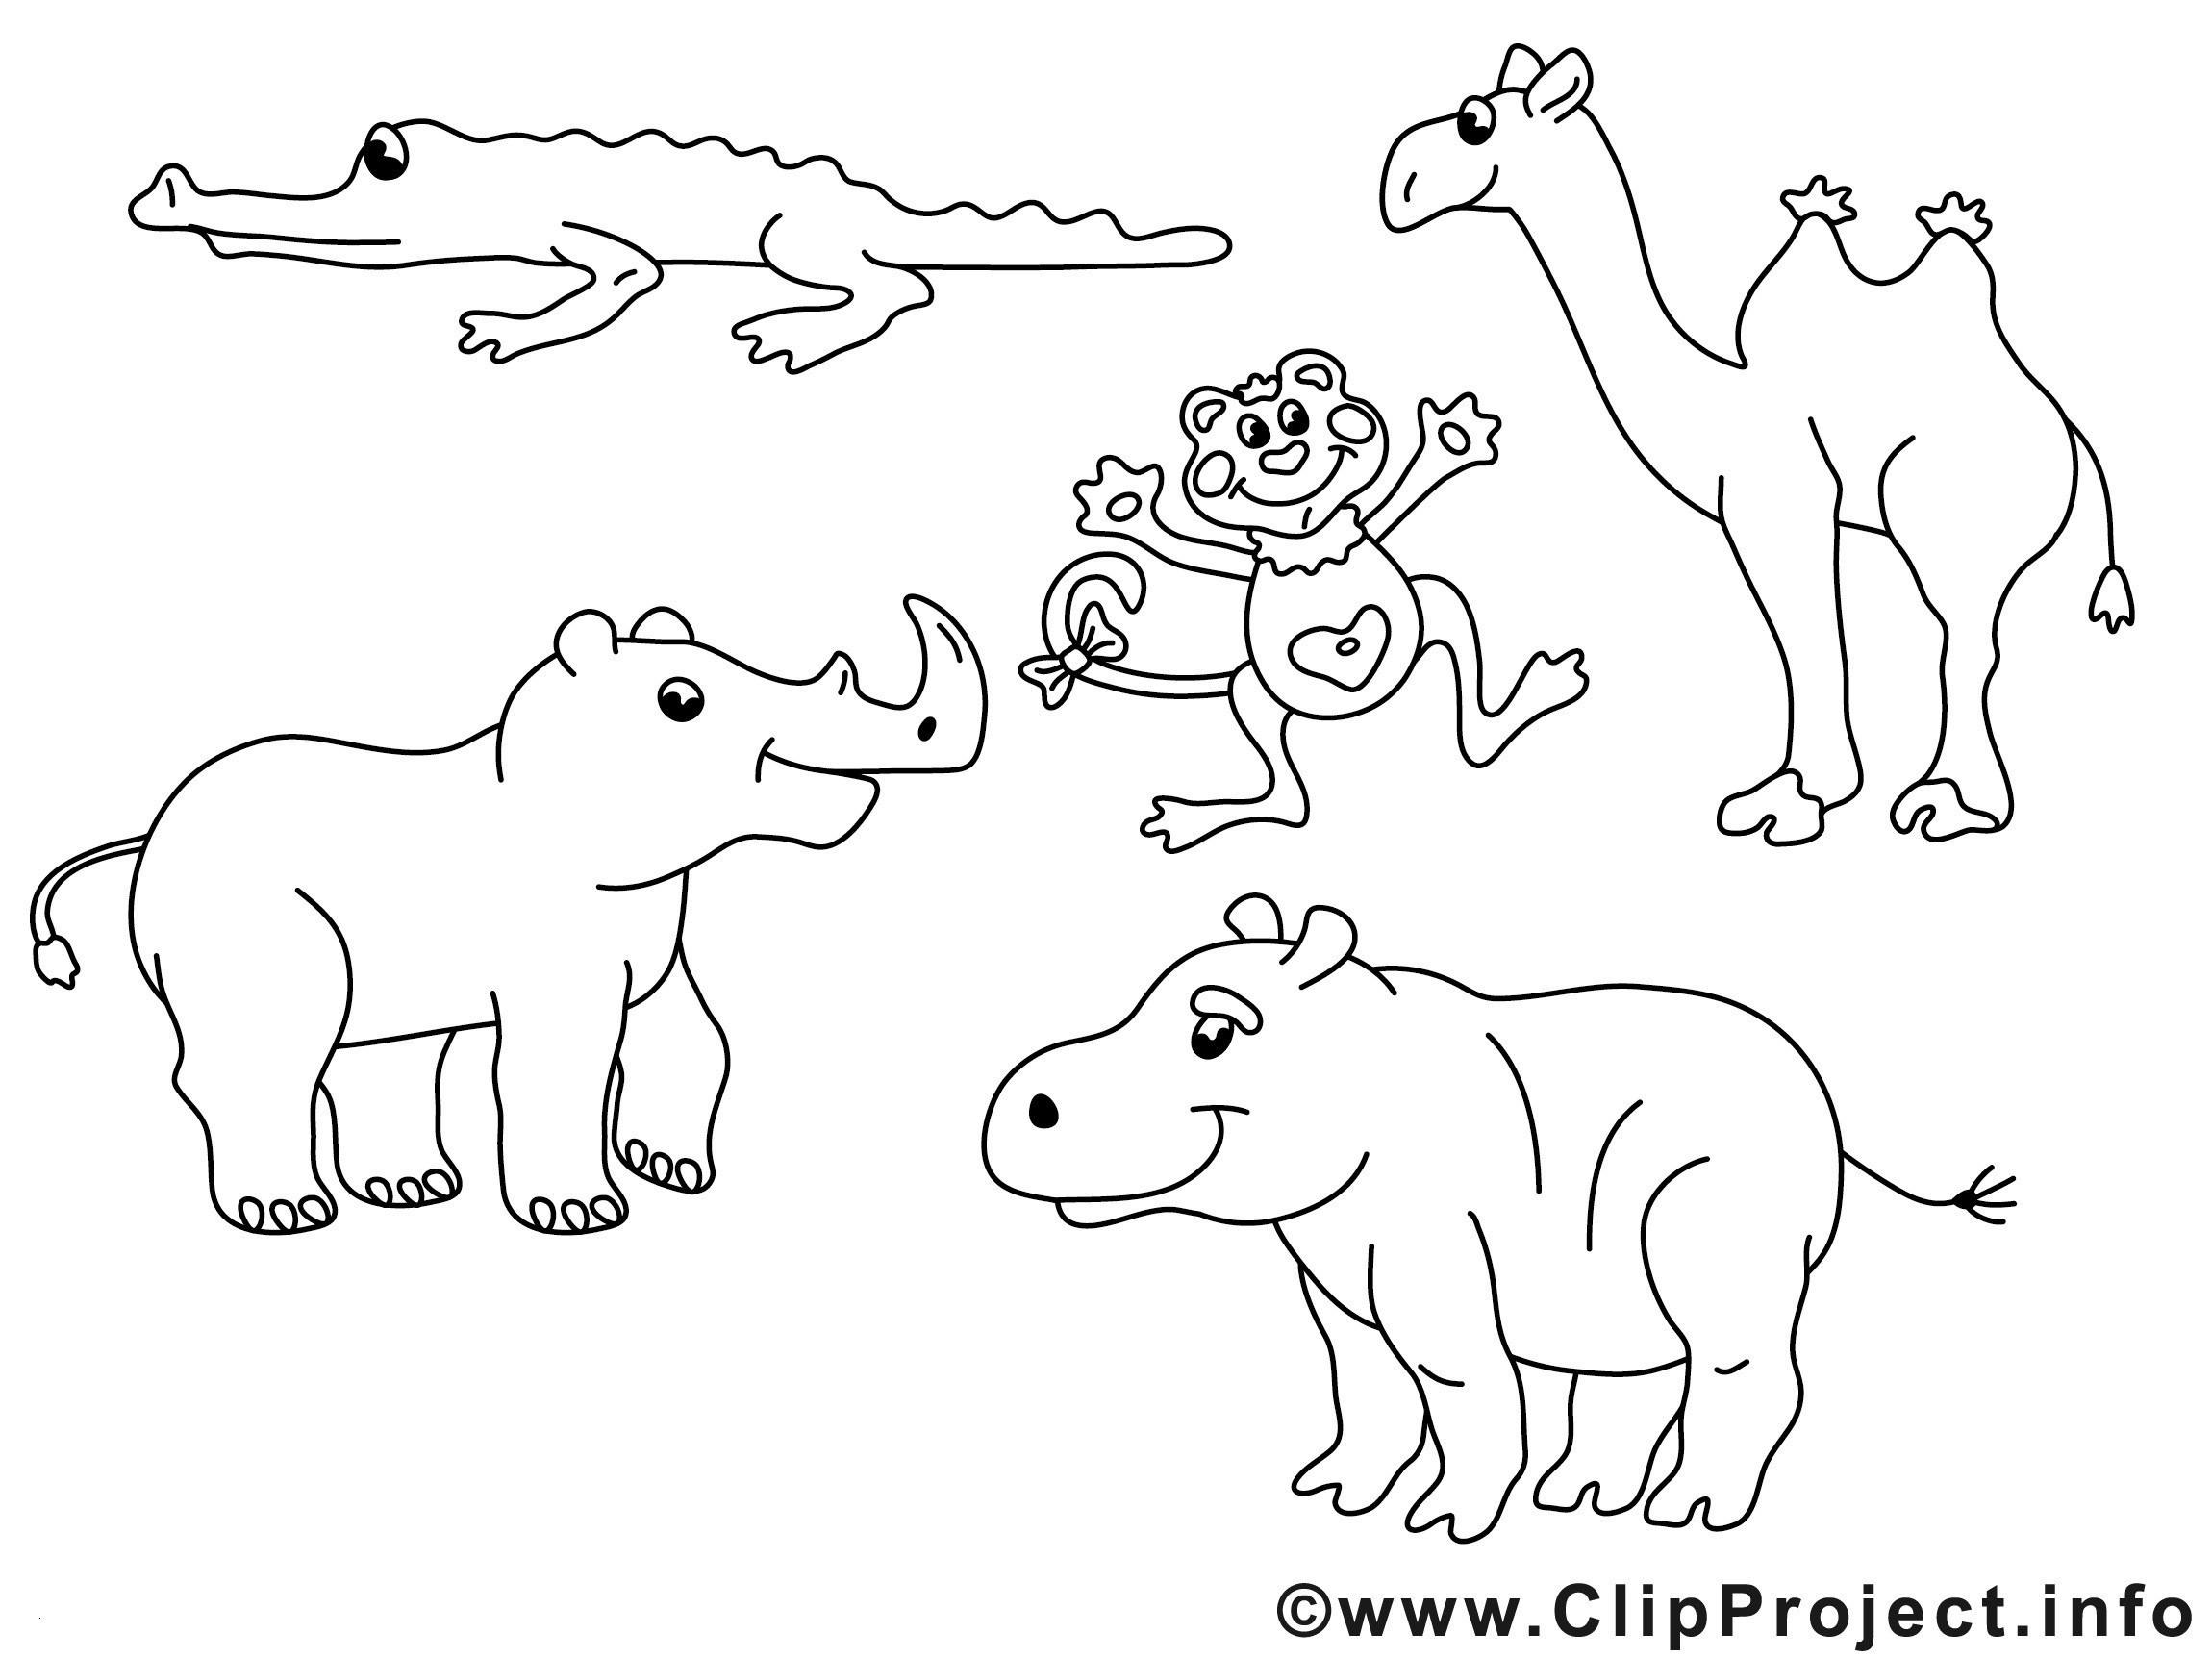 Ausmalbilder Dinosaurier In Einem Land Vor Unserer Zeit Einzigartig Mompitz Ausmalbilder Genial Ausmalbilder Dinosaurier In Einem Land Galerie